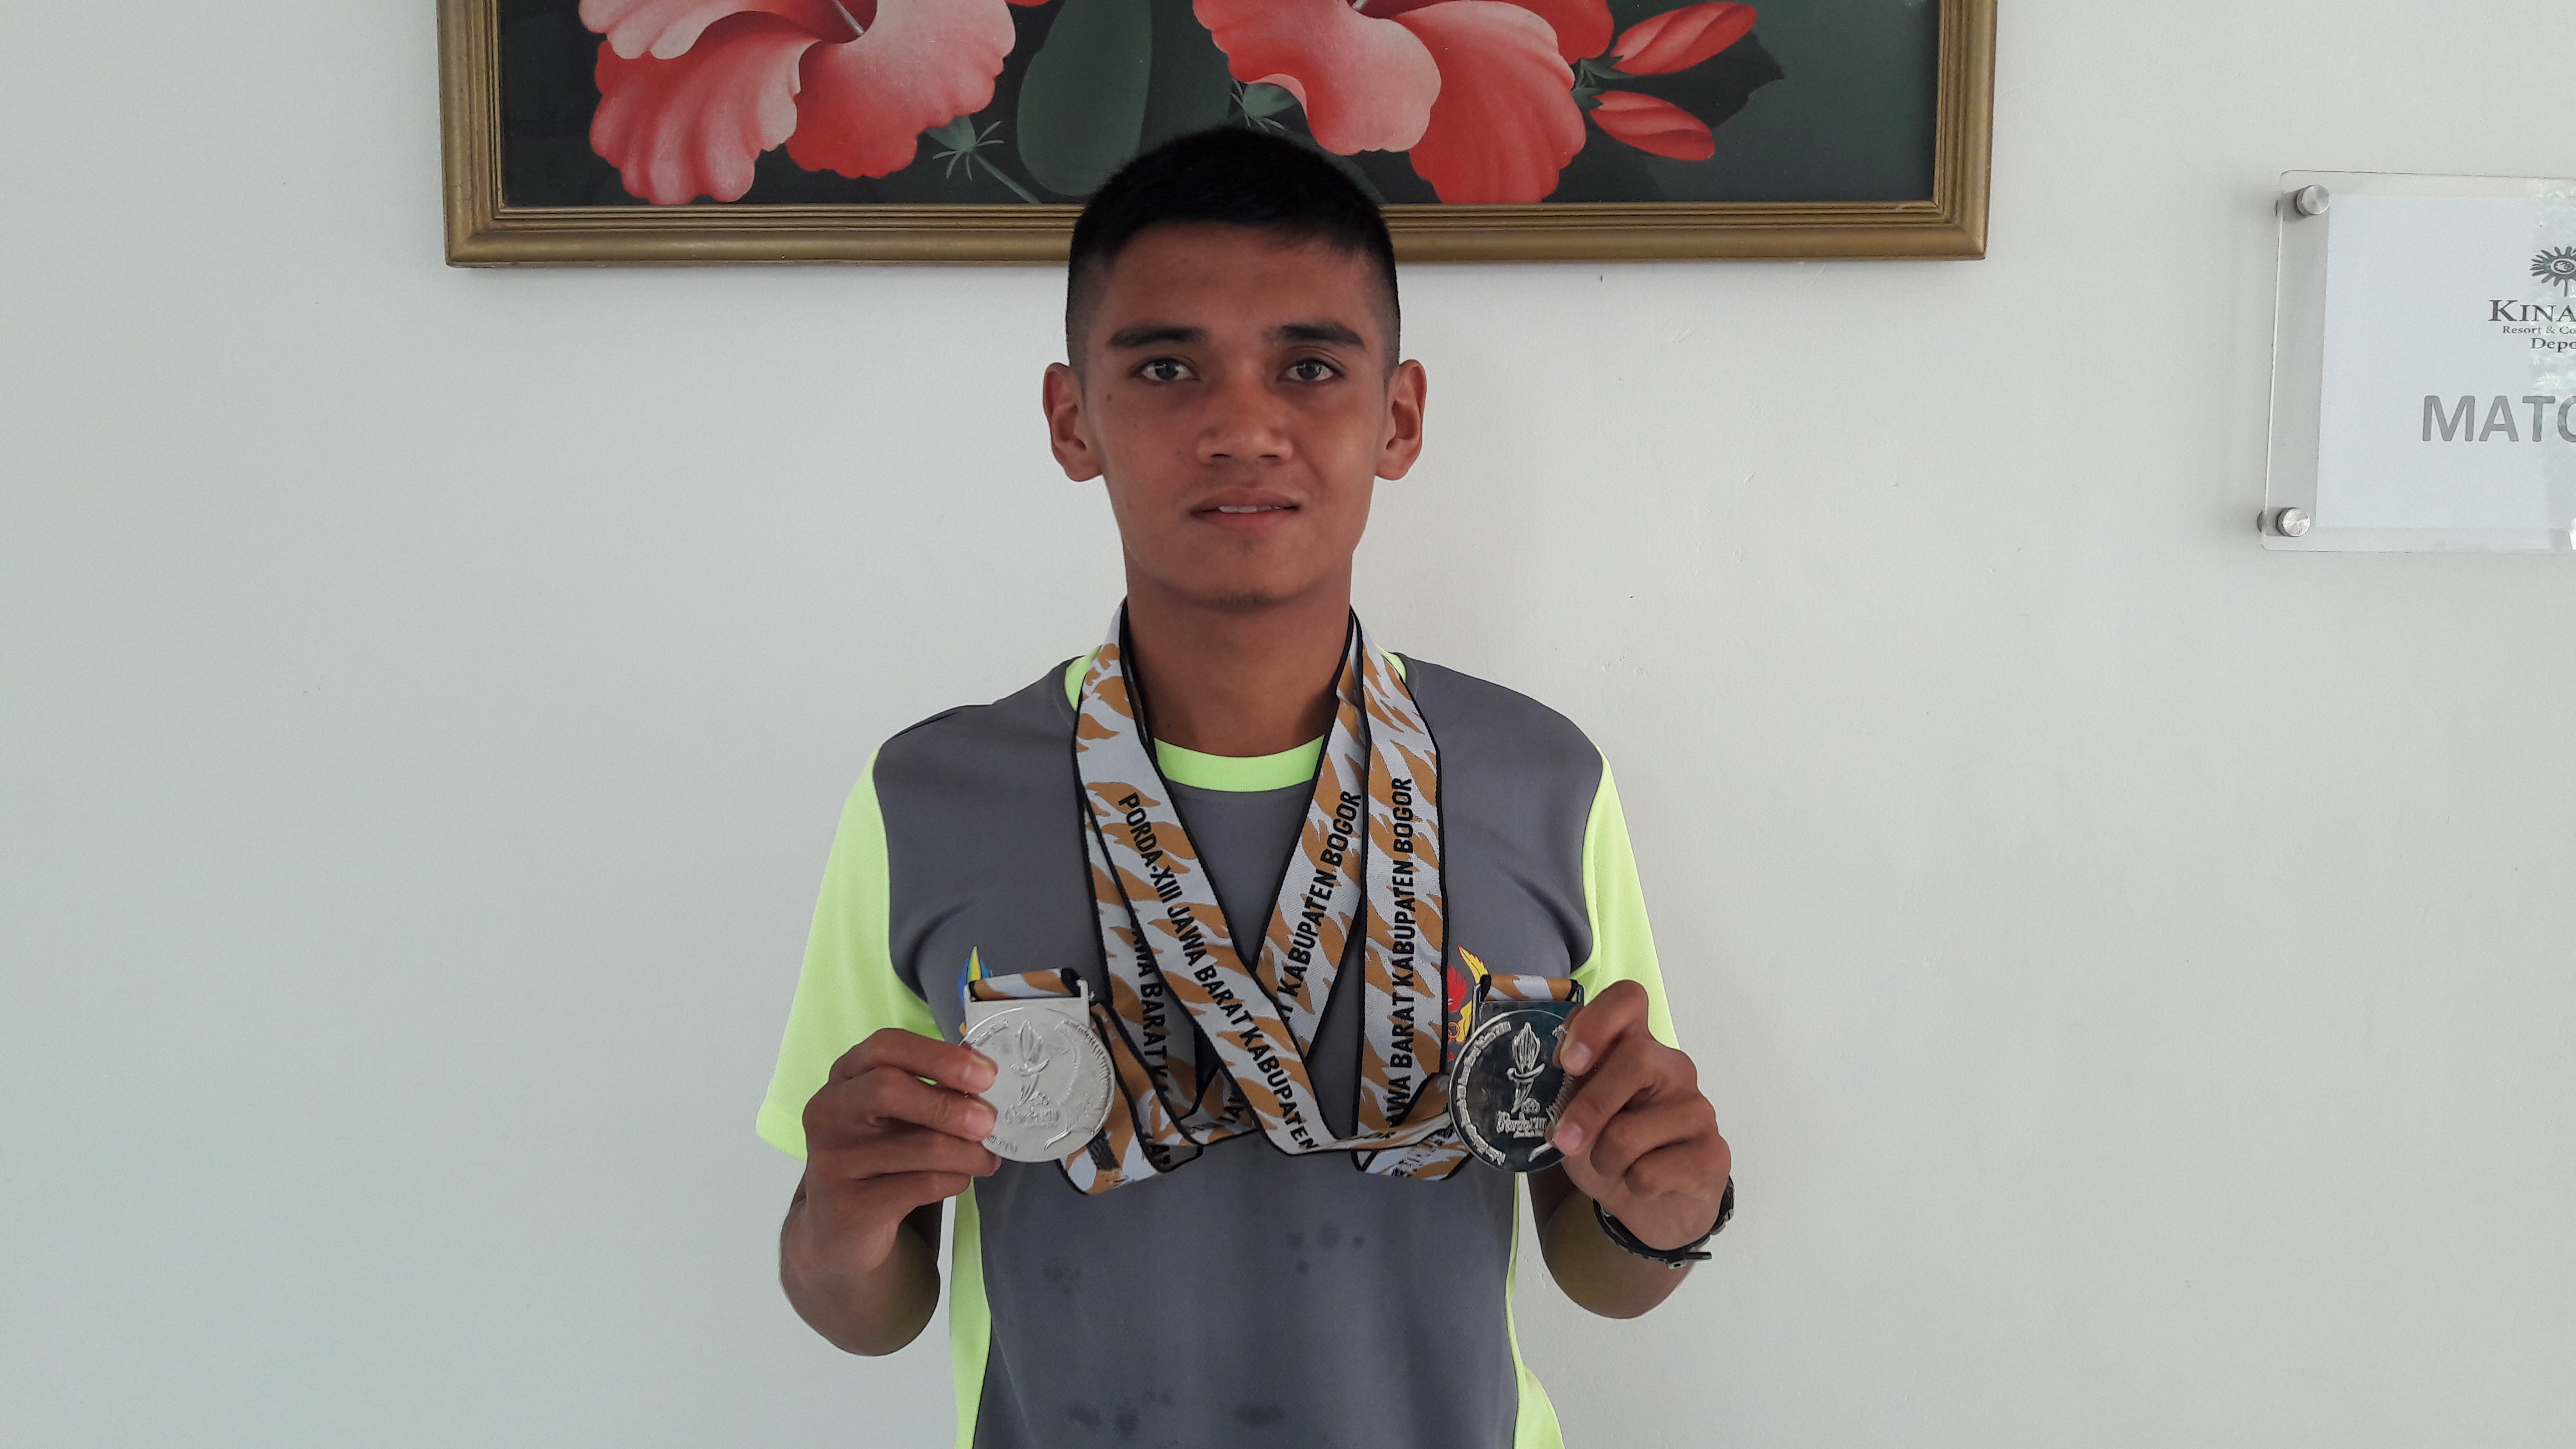 Anton Awalnya Coba-Coba, Akhirnya Ukir Prestasi di Atletik